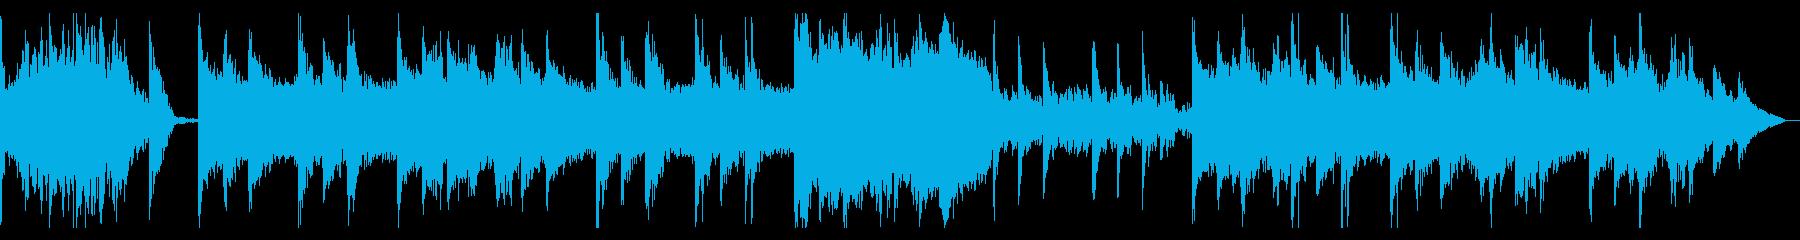 リラクゼーションBGMの再生済みの波形